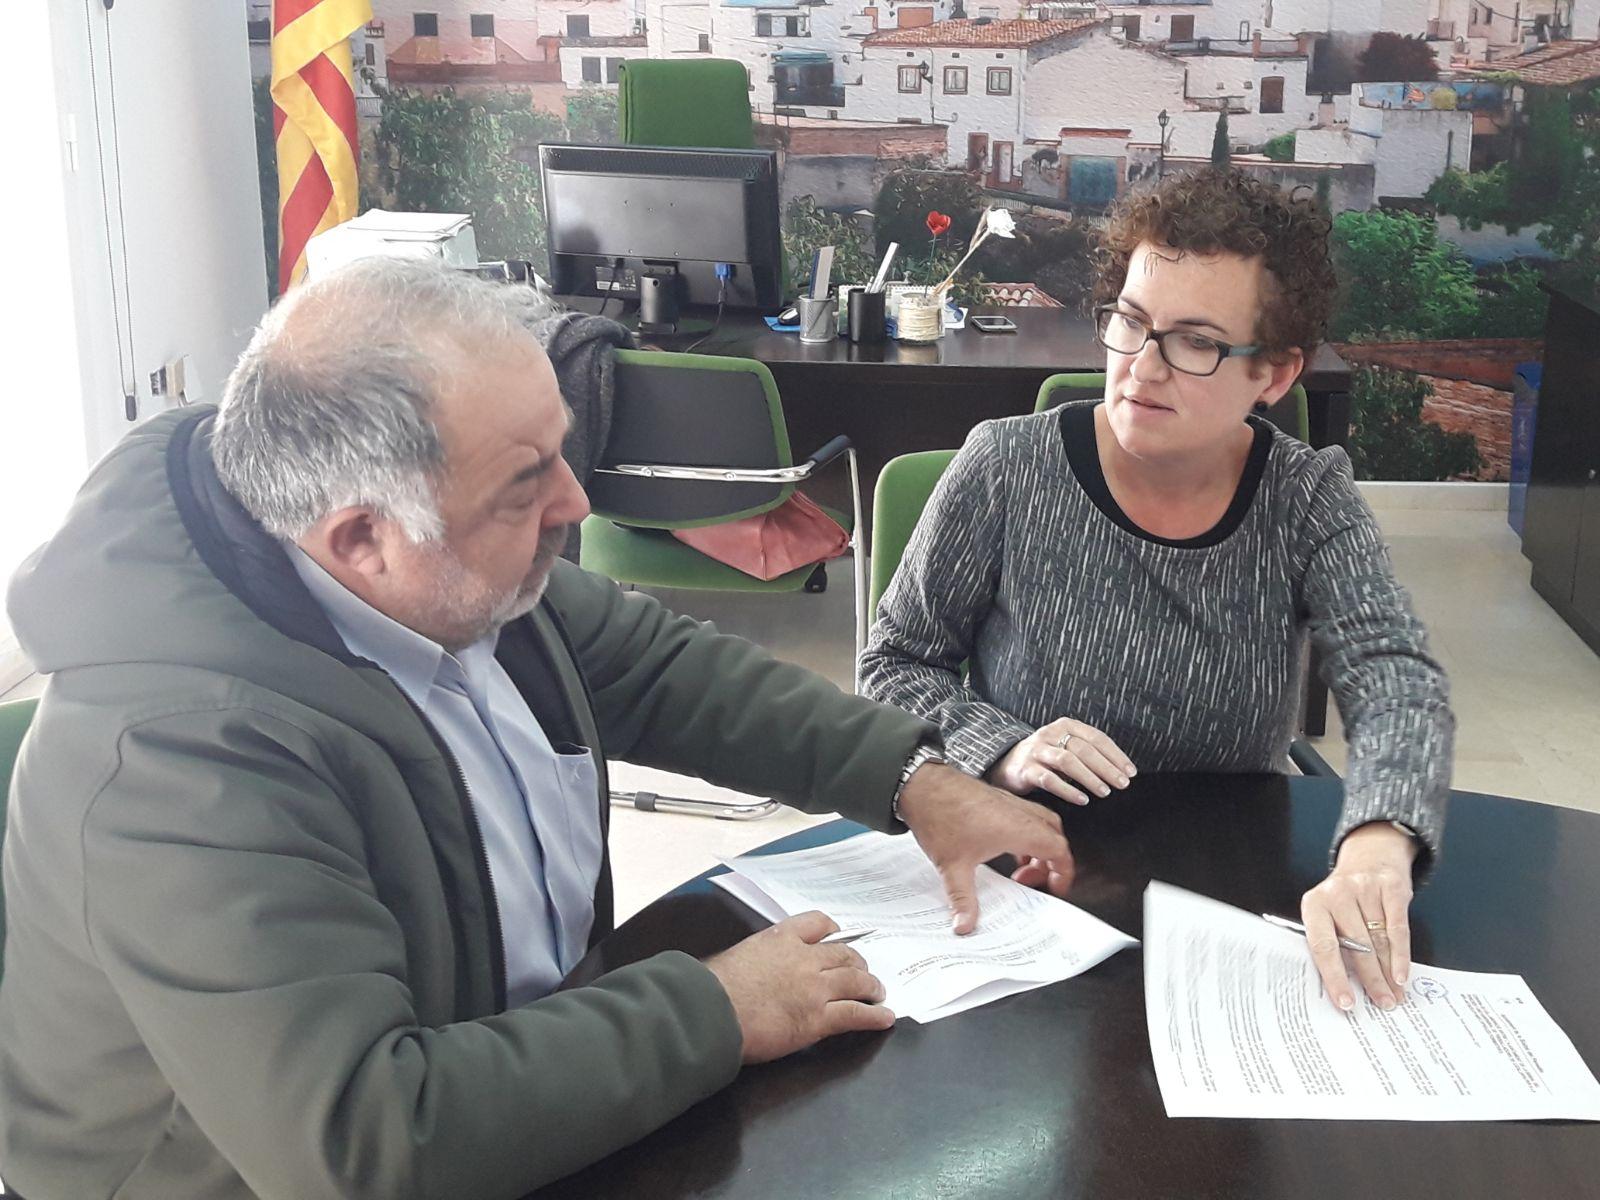 El CMC acull durant tres mesos activitats formatives destinades a persones designades per serveis socials del Consell Comarcal